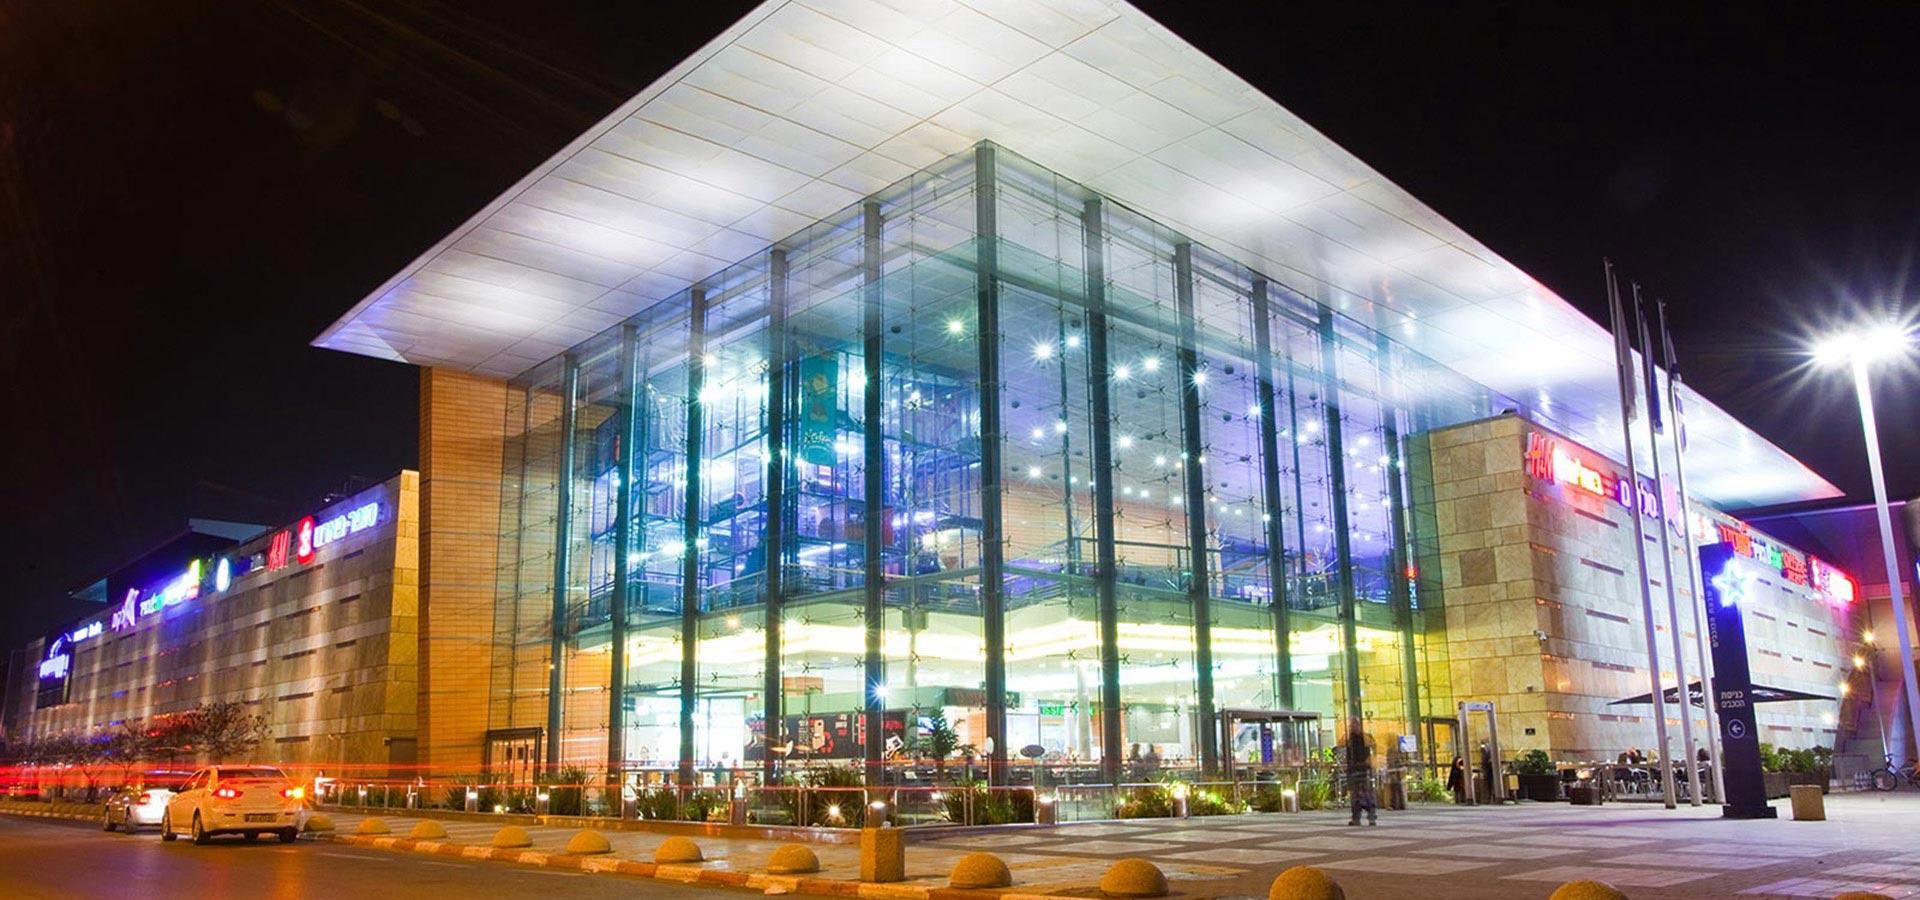 Herzliya - Seven Stars Mall